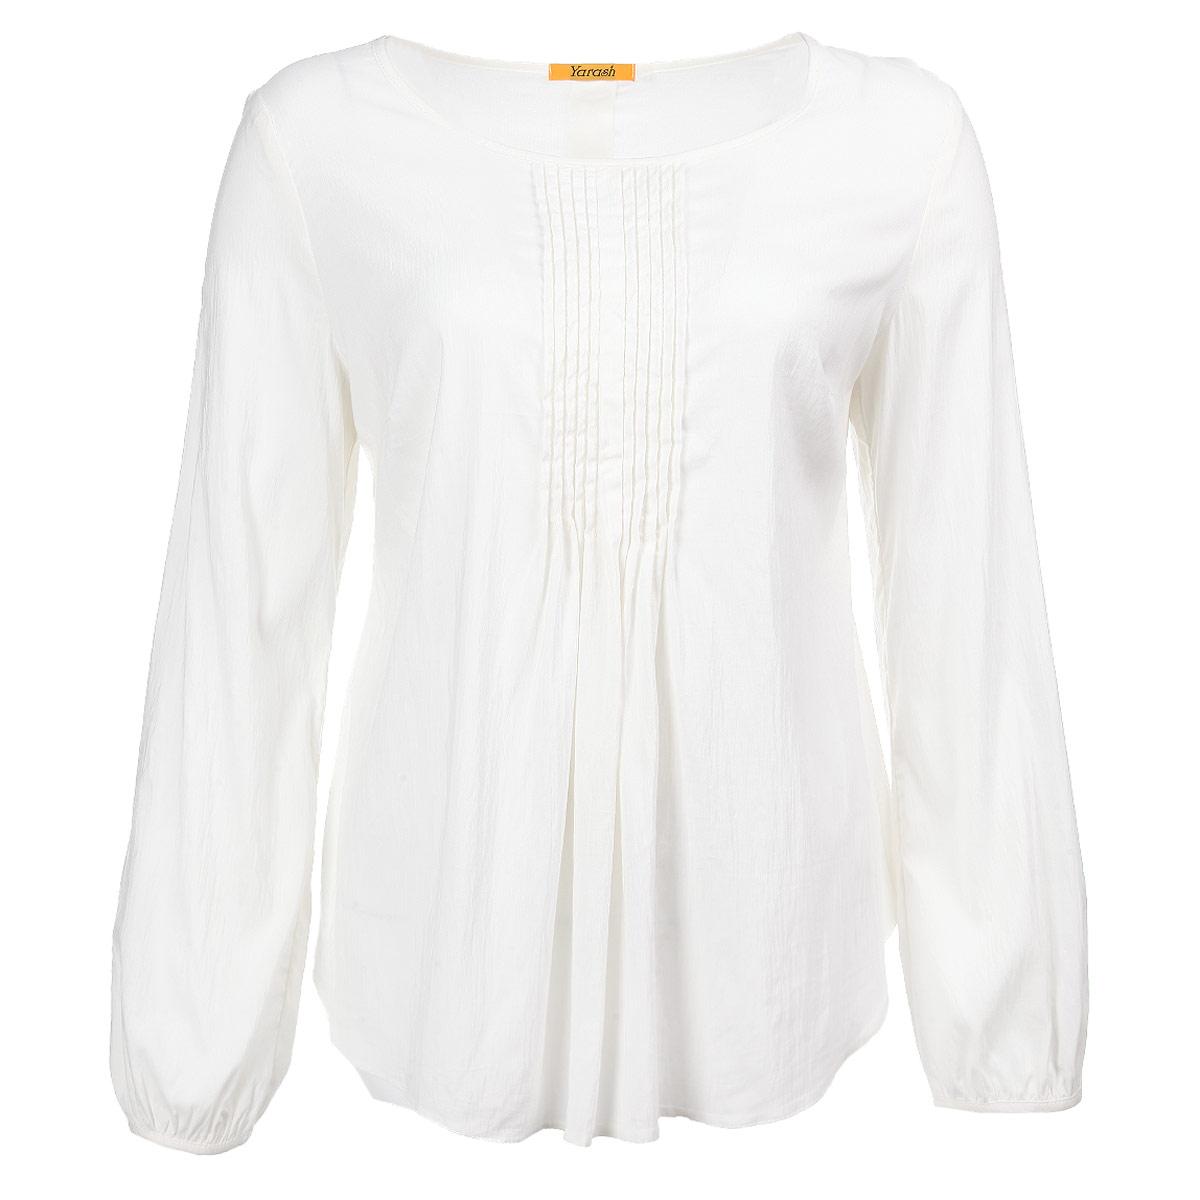 Блузка женская. 1330609/13166091316609Стильная женская блуза Yarash, выполненная из высококачественной вискозы, подчеркнет ваш уникальный стиль. Модная блузка свободного покроя с длинными рукавами и круглым вырезом горловины поможет вам создать неповторимый романтичный образ. Однотонная блуза великолепно сочетается с любыми нарядами. Рукава собраны мелкими складками у манжет, на груди блуза оформлена узкими складками. Такая блузка будет дарить вам комфорт в течение всего дня и послужит замечательным дополнением к вашему гардеробу.